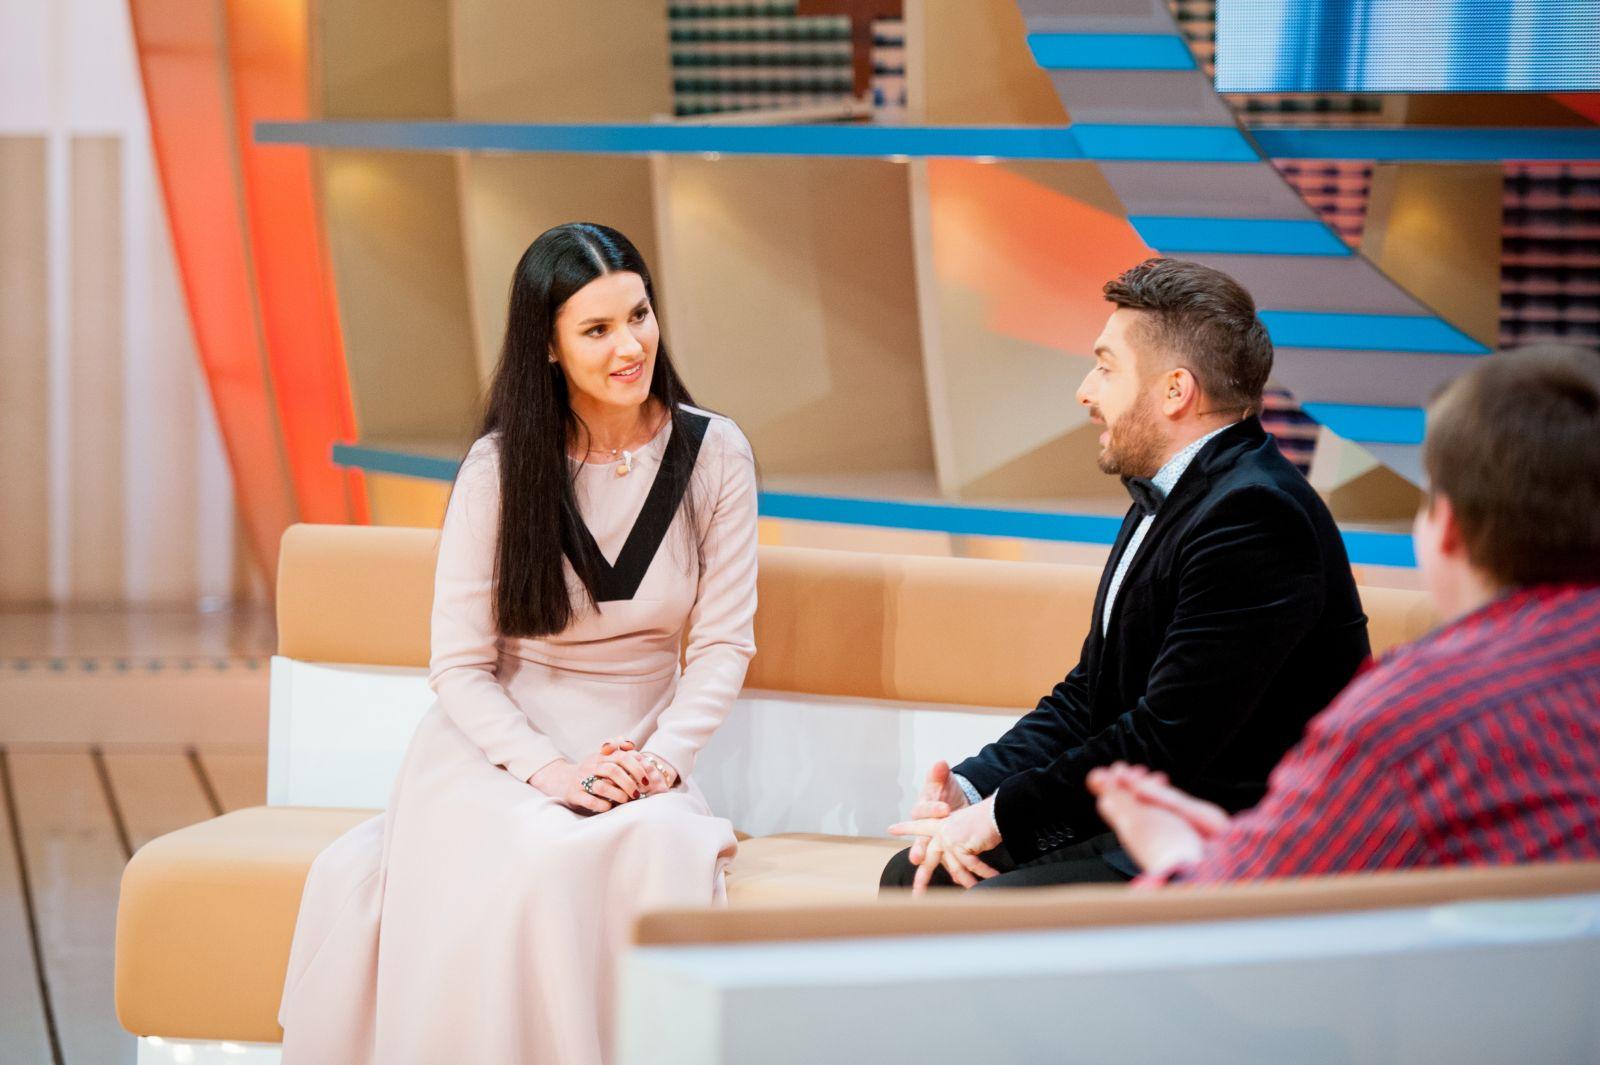 Маша Ефросинина на ток-шоу Говорить Україна довела до слез Алексея Суханова